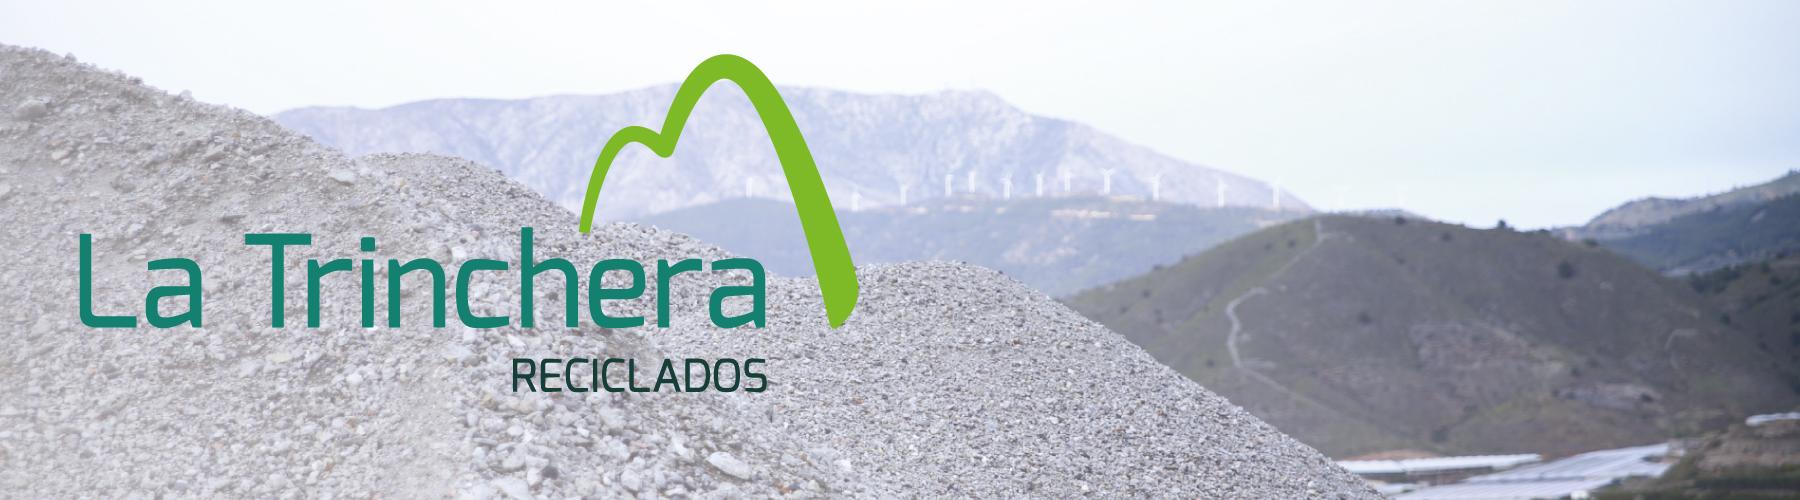 Reciclados La Trinchera